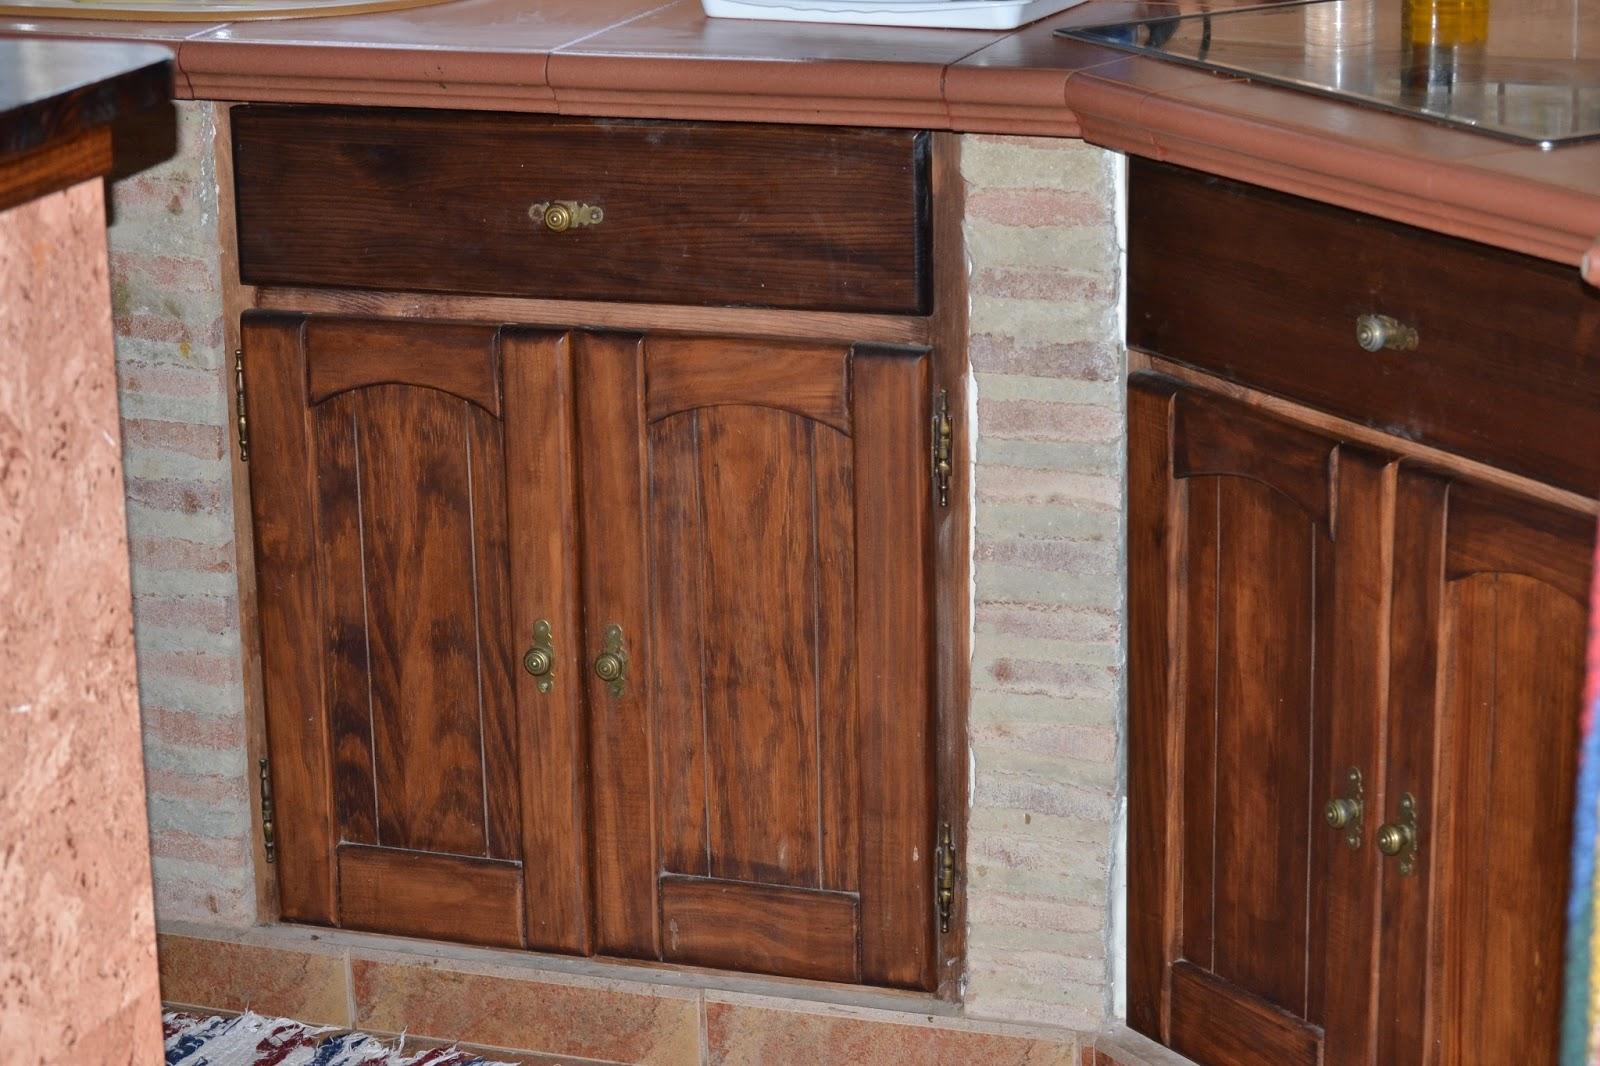 Puertas de muebles de cocina rusticos - Puertas de cocina rusticas ...